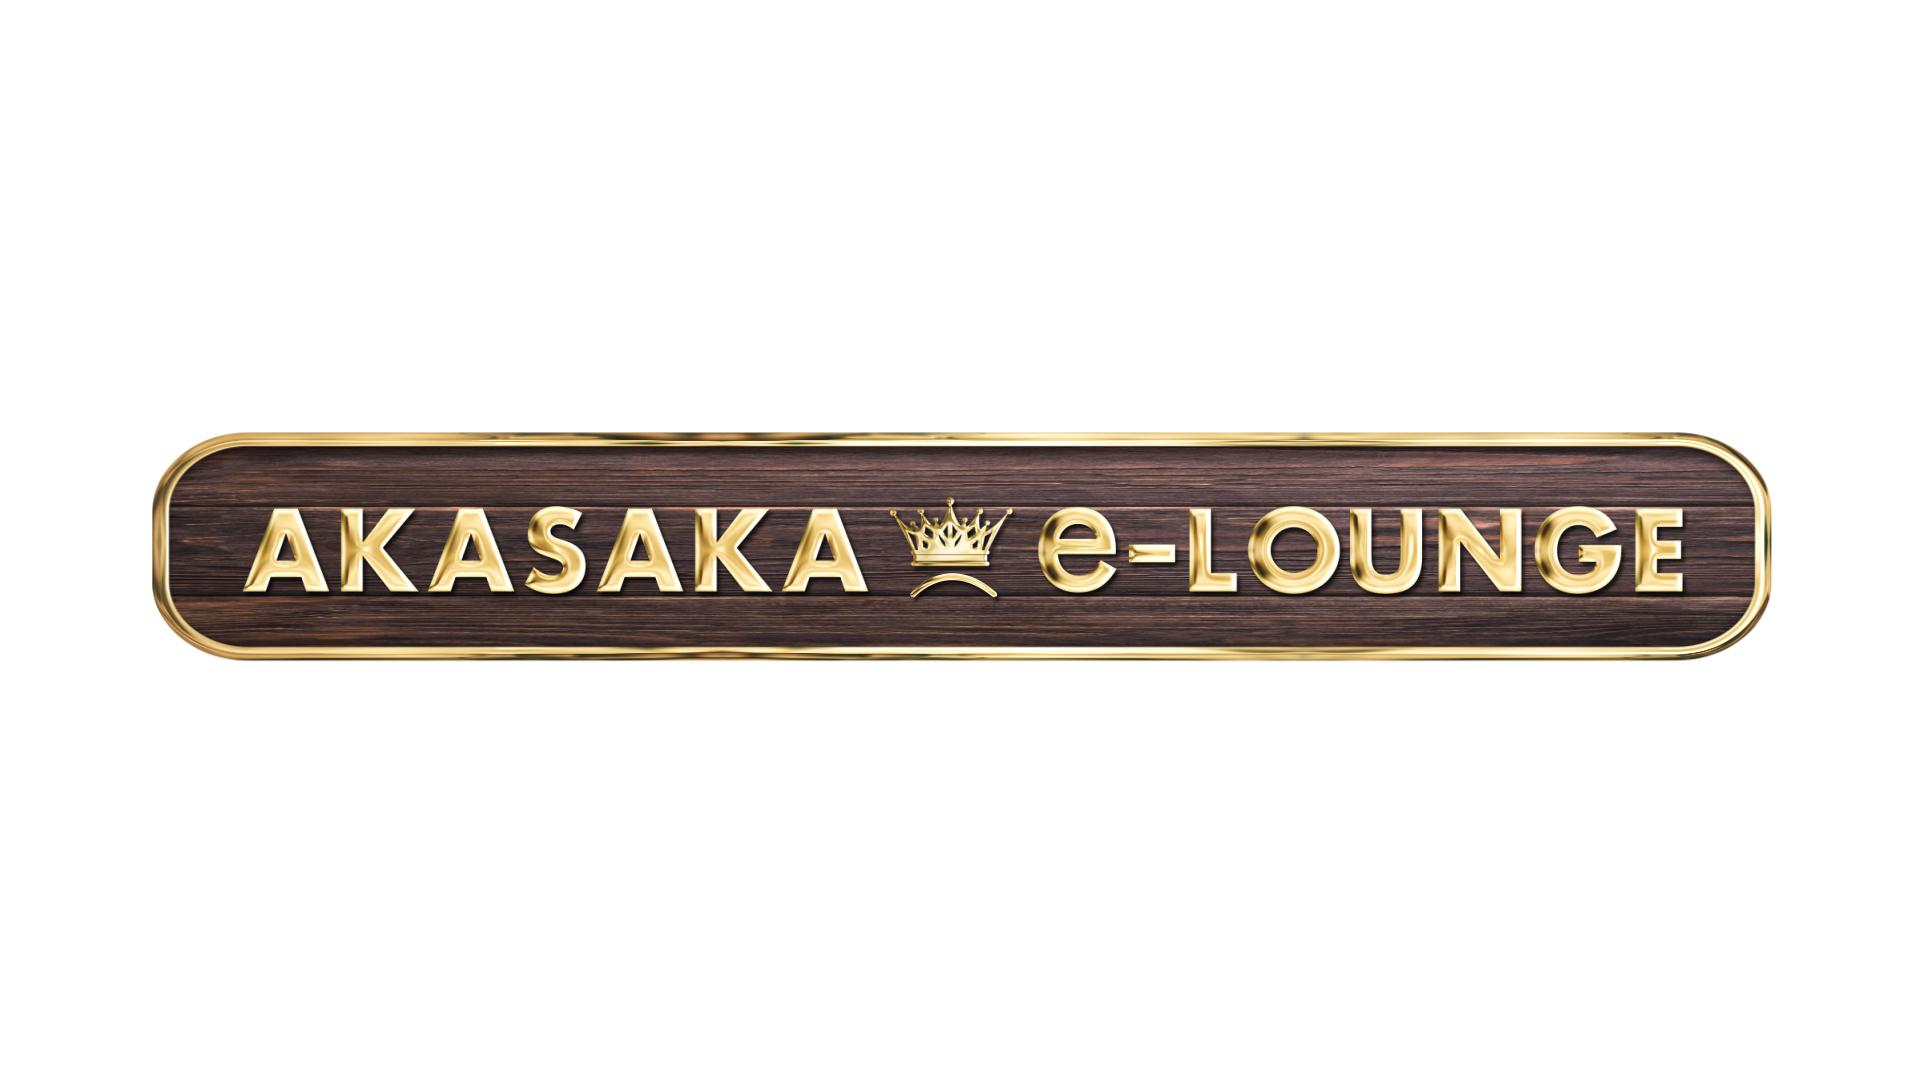 生活の中で抱く「悩み」や「疑問」を解決するためのヒントを与えてくれる『AKASAKA e-LOUNGE』